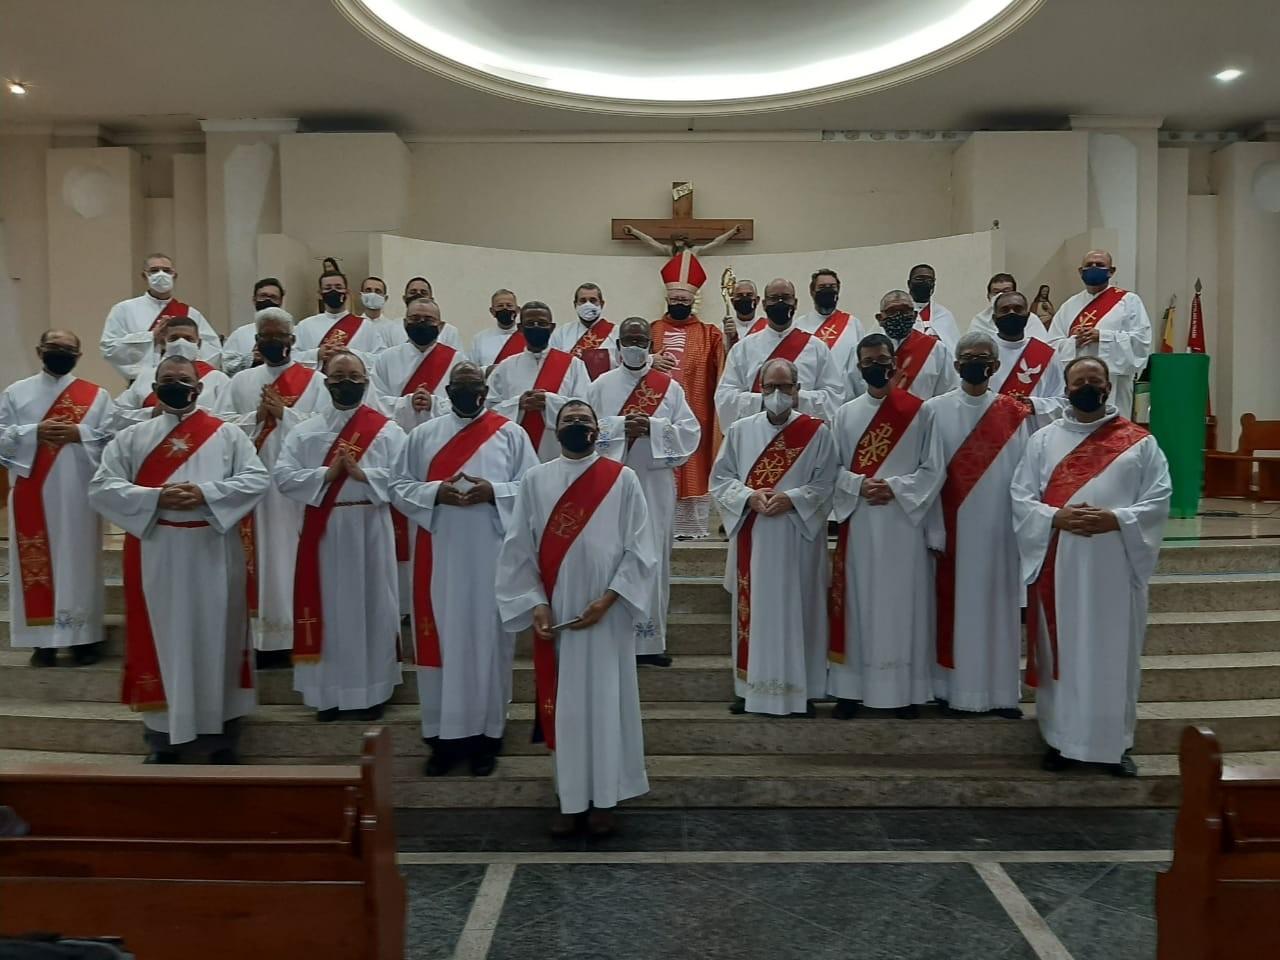 Diocese de Campos (RJ, Brasil) promoveu Retiro Espiritual para Diáconos Permanentes